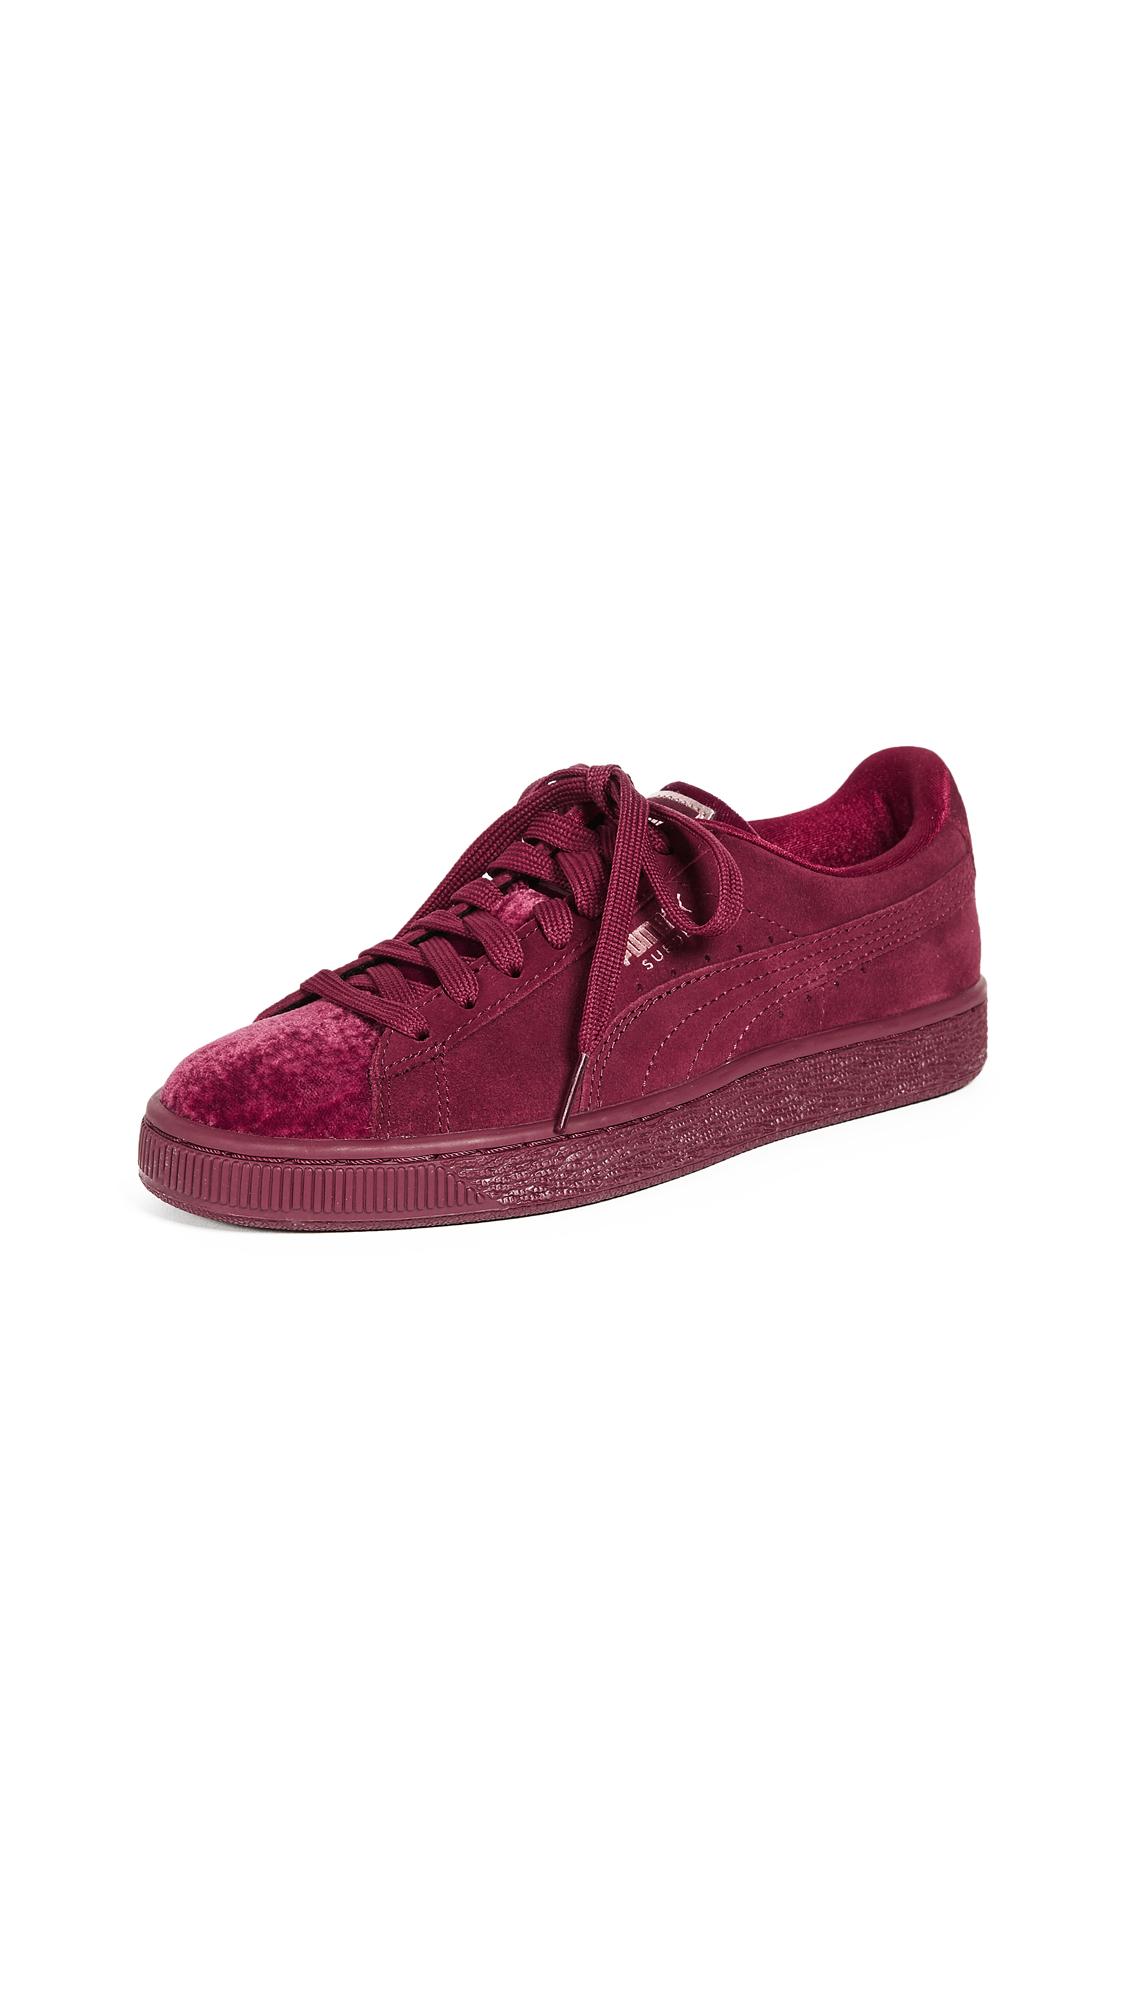 PUMA Suede Classic Velvet Sneakers - Cordovan